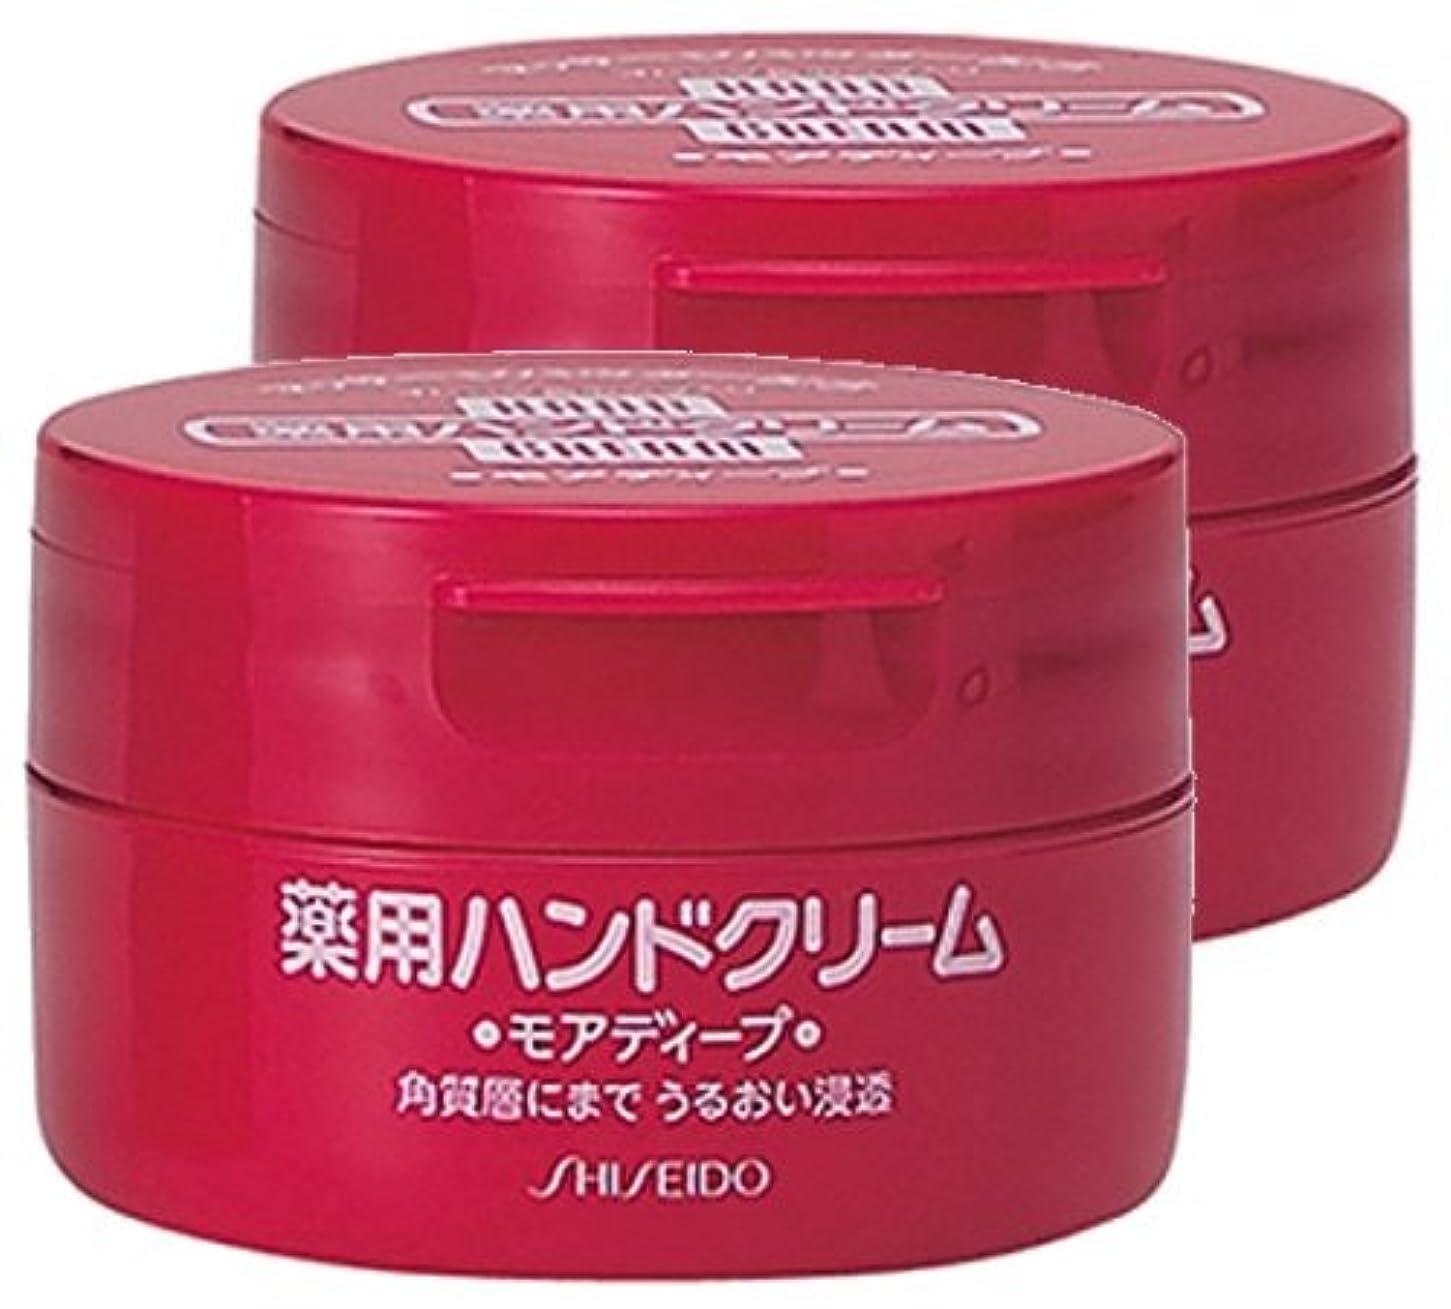 インフレーションペンフレンド知覚【まとめ買い】資生堂 薬用ハンドクリーム モアディープ 100g×2個